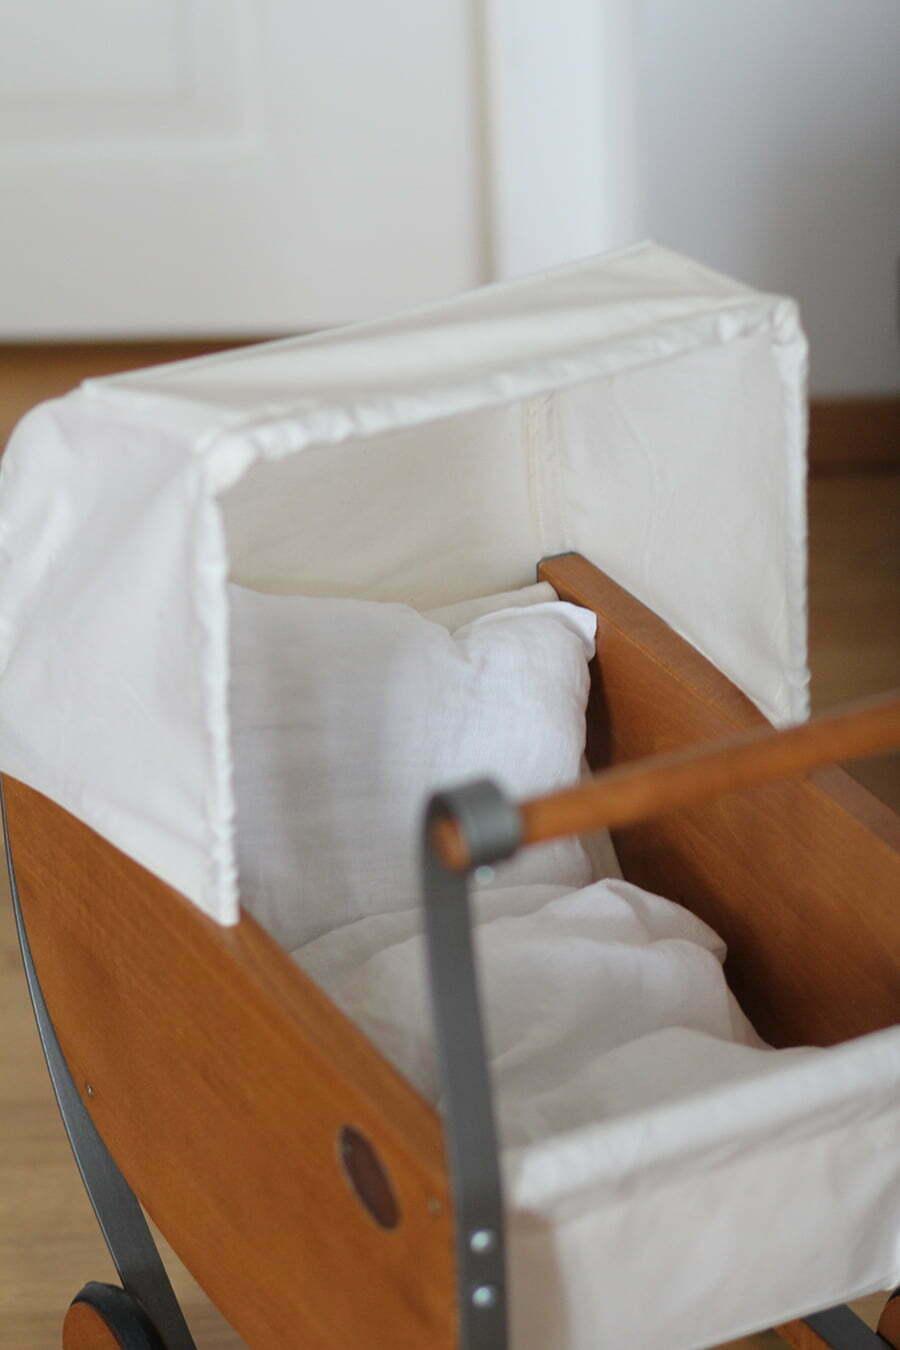 Moulin-Roty-Puppenwagen mit selbstgenähter Leinen-Bettwäsche